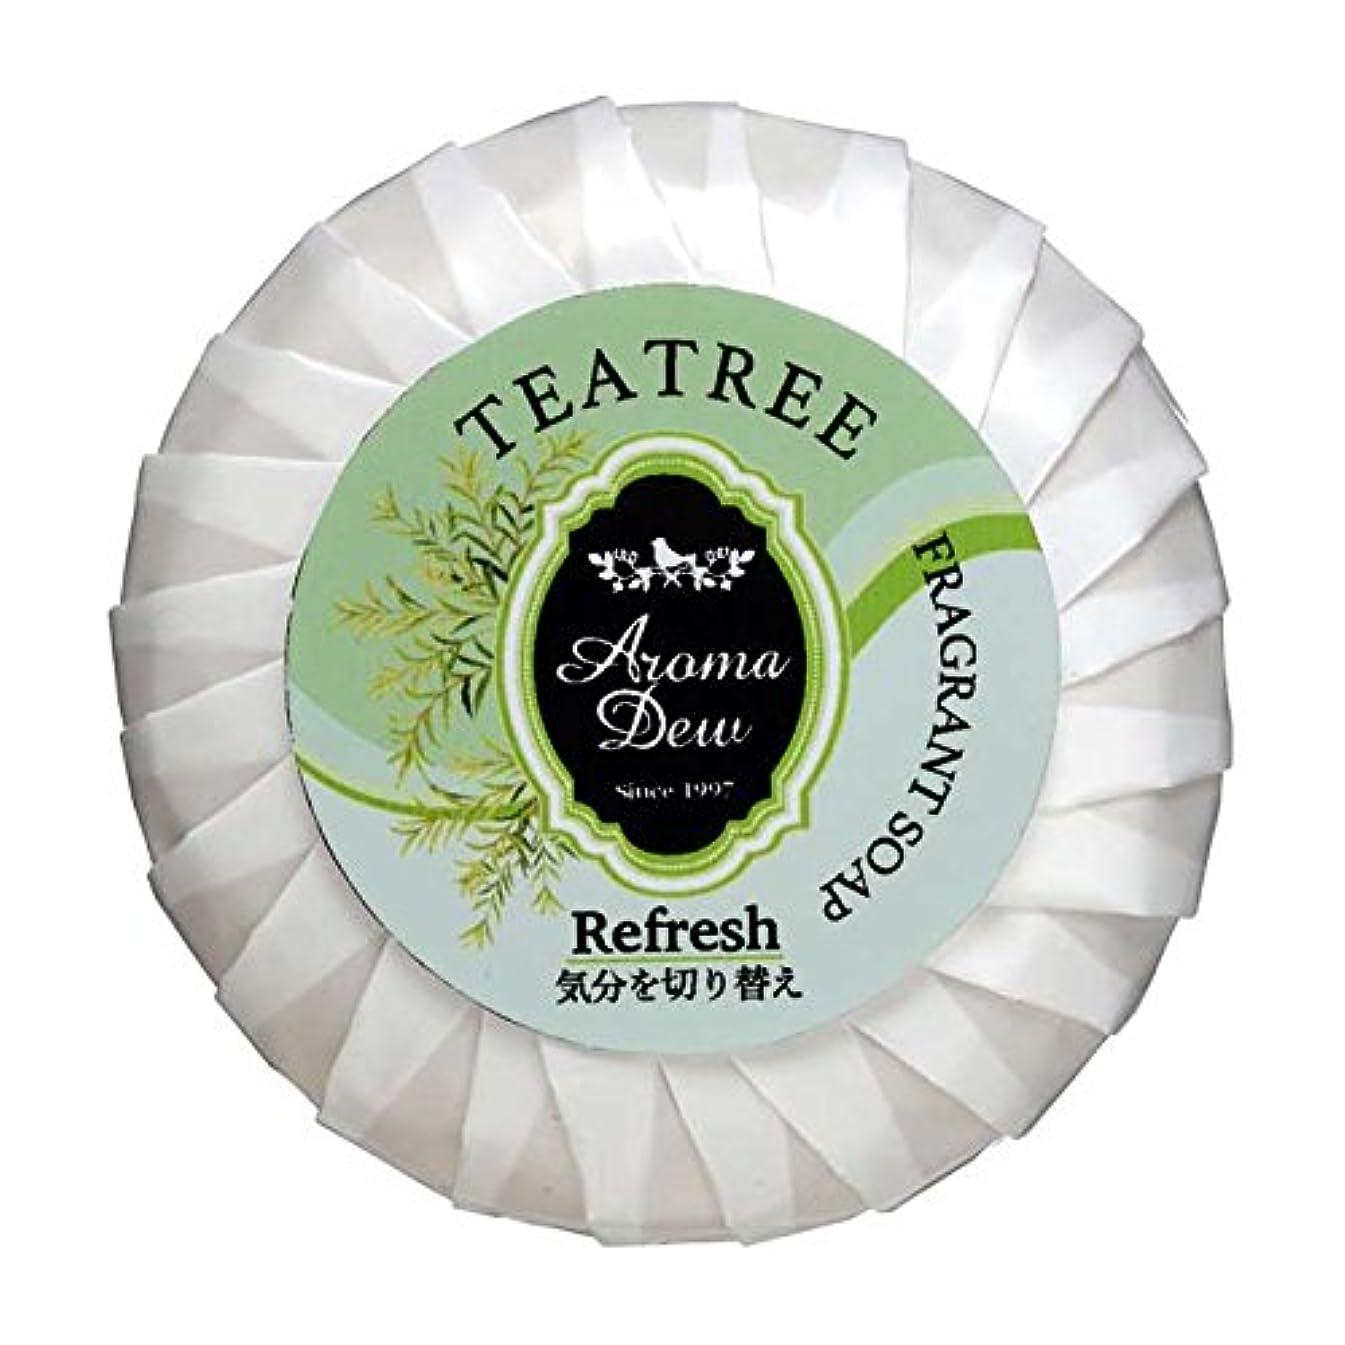 クリーク寄付縞模様のアロマデュウ フレグラントソープ ティーツリーの香り 100g